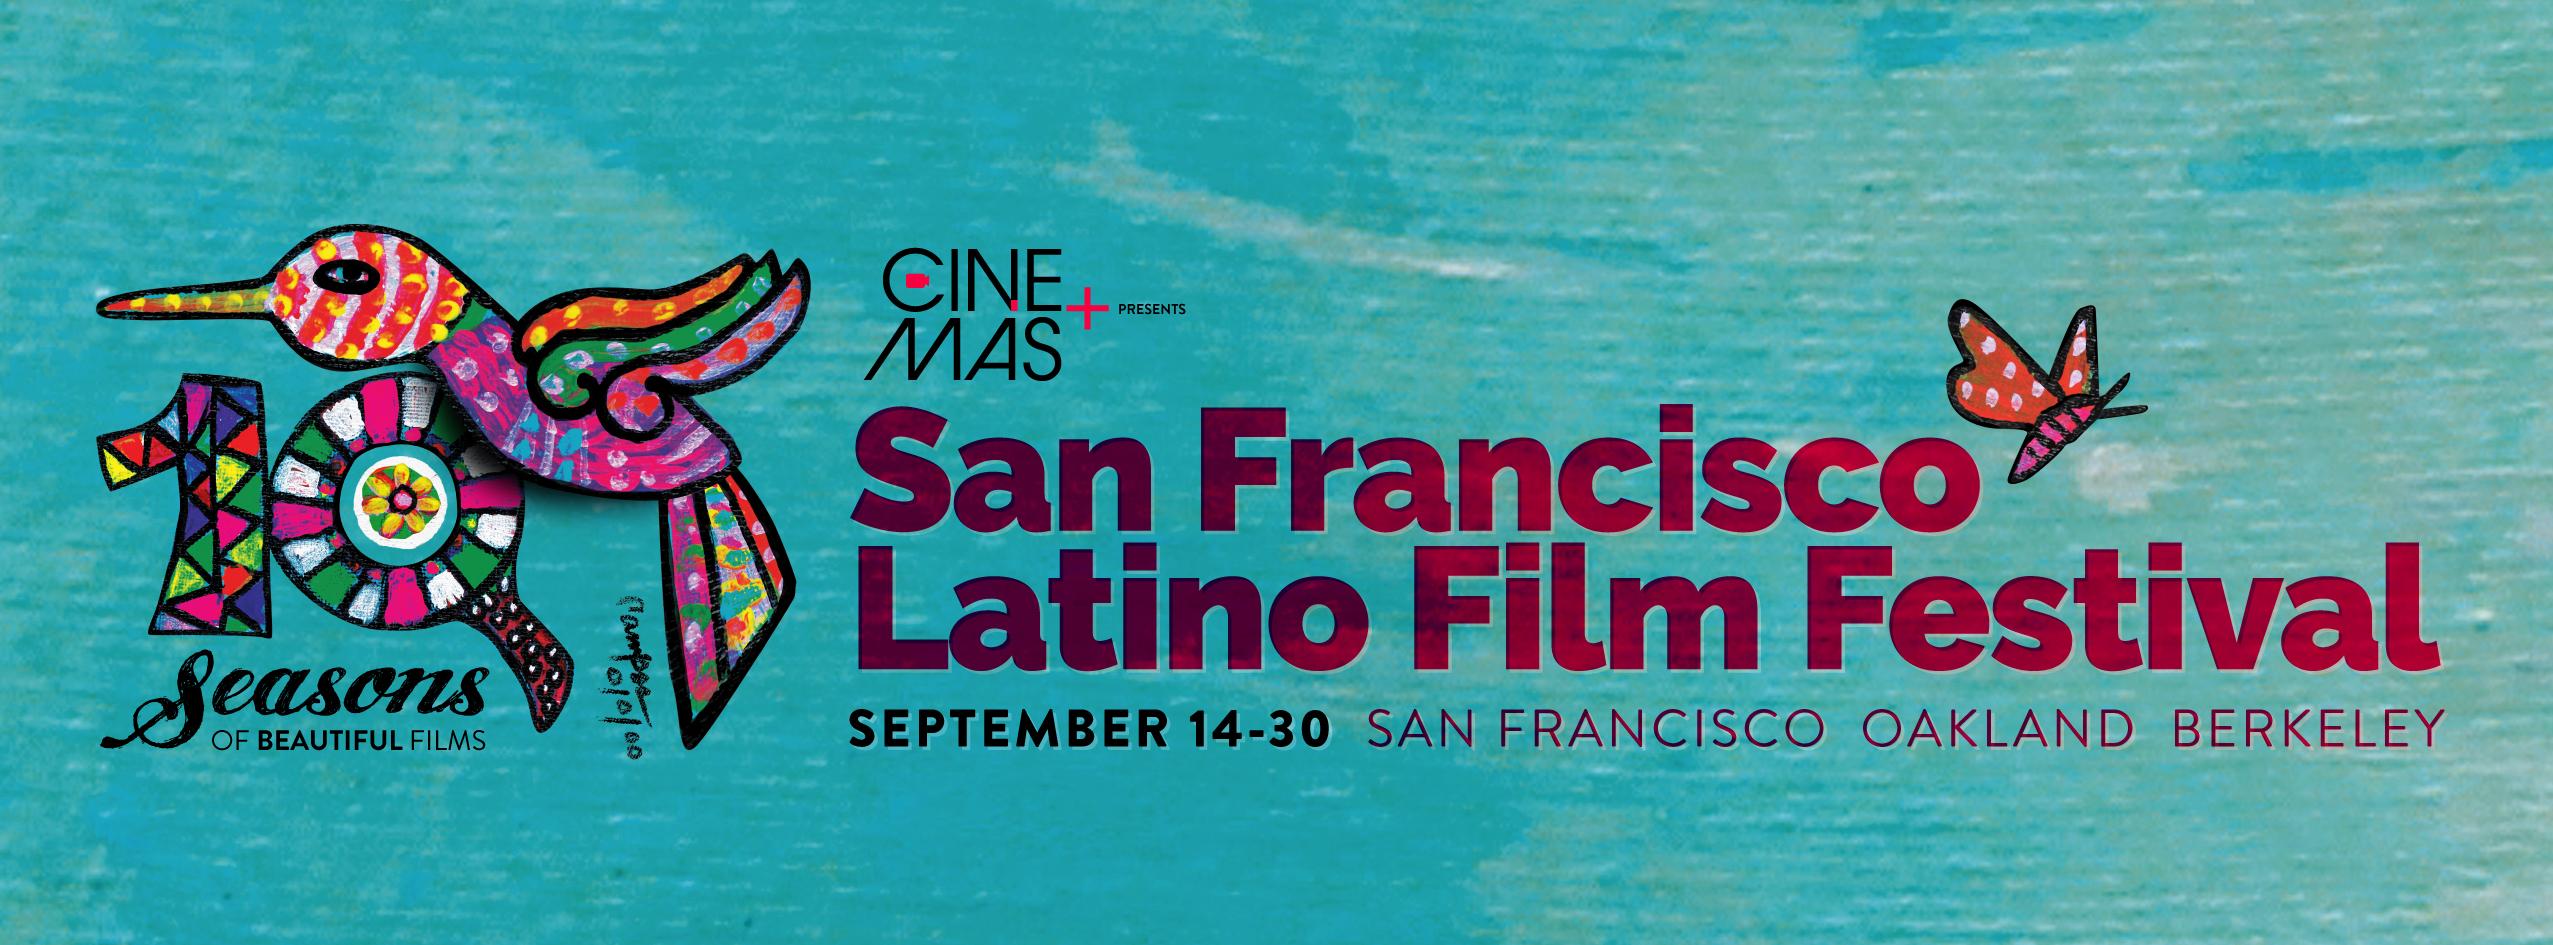 Cine+Mas SF Latino Film Festival 2018